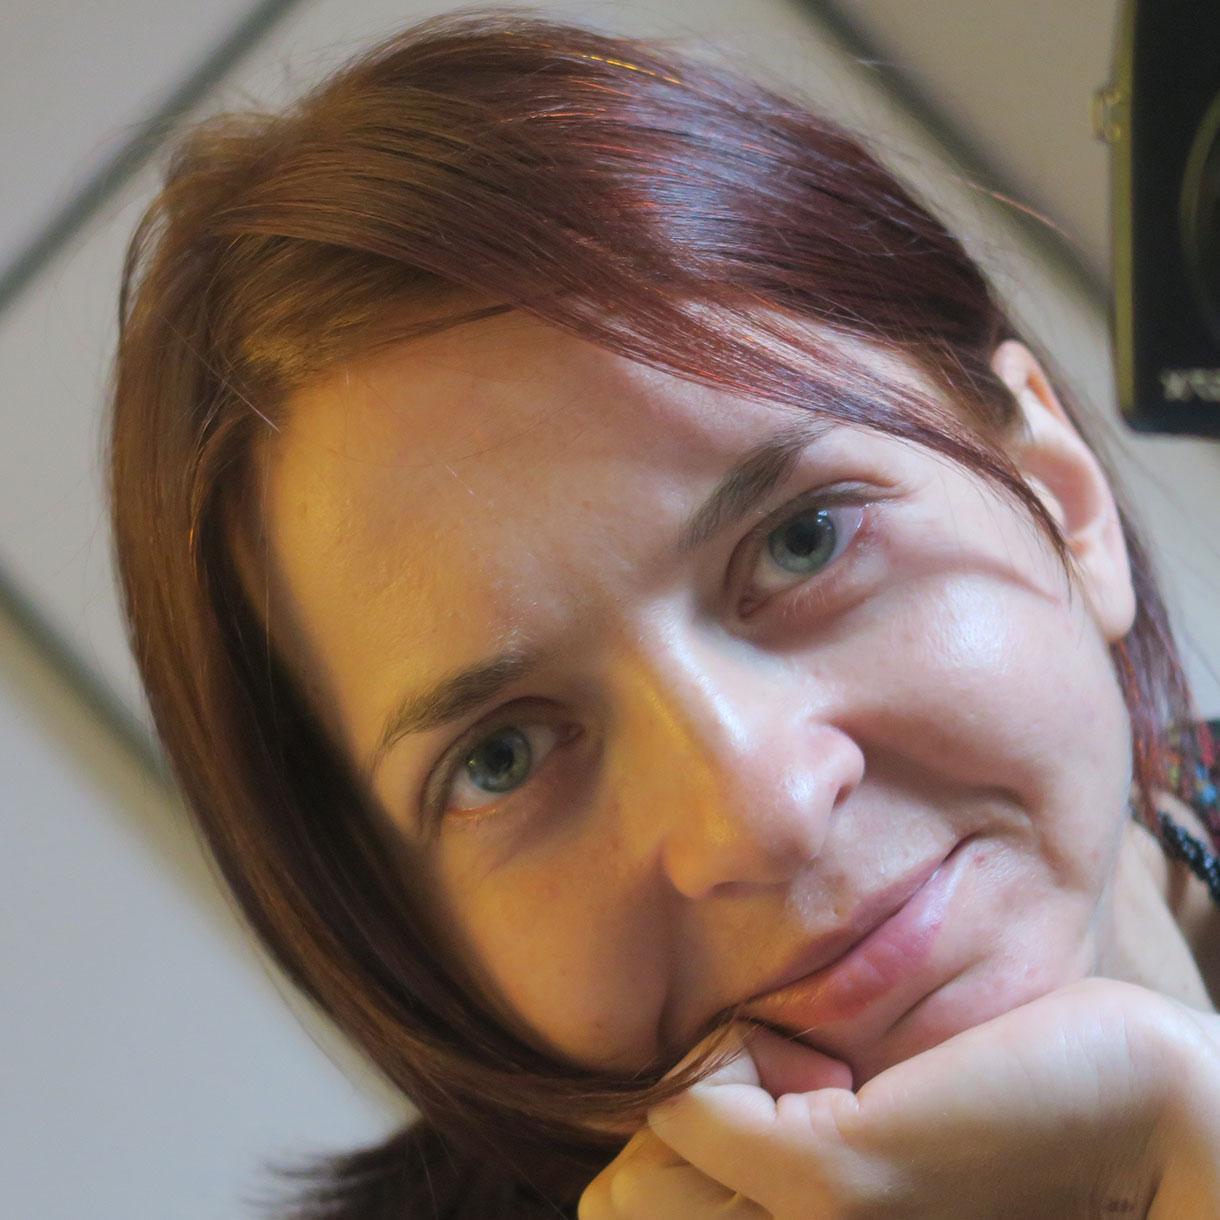 Maria Amelchenko